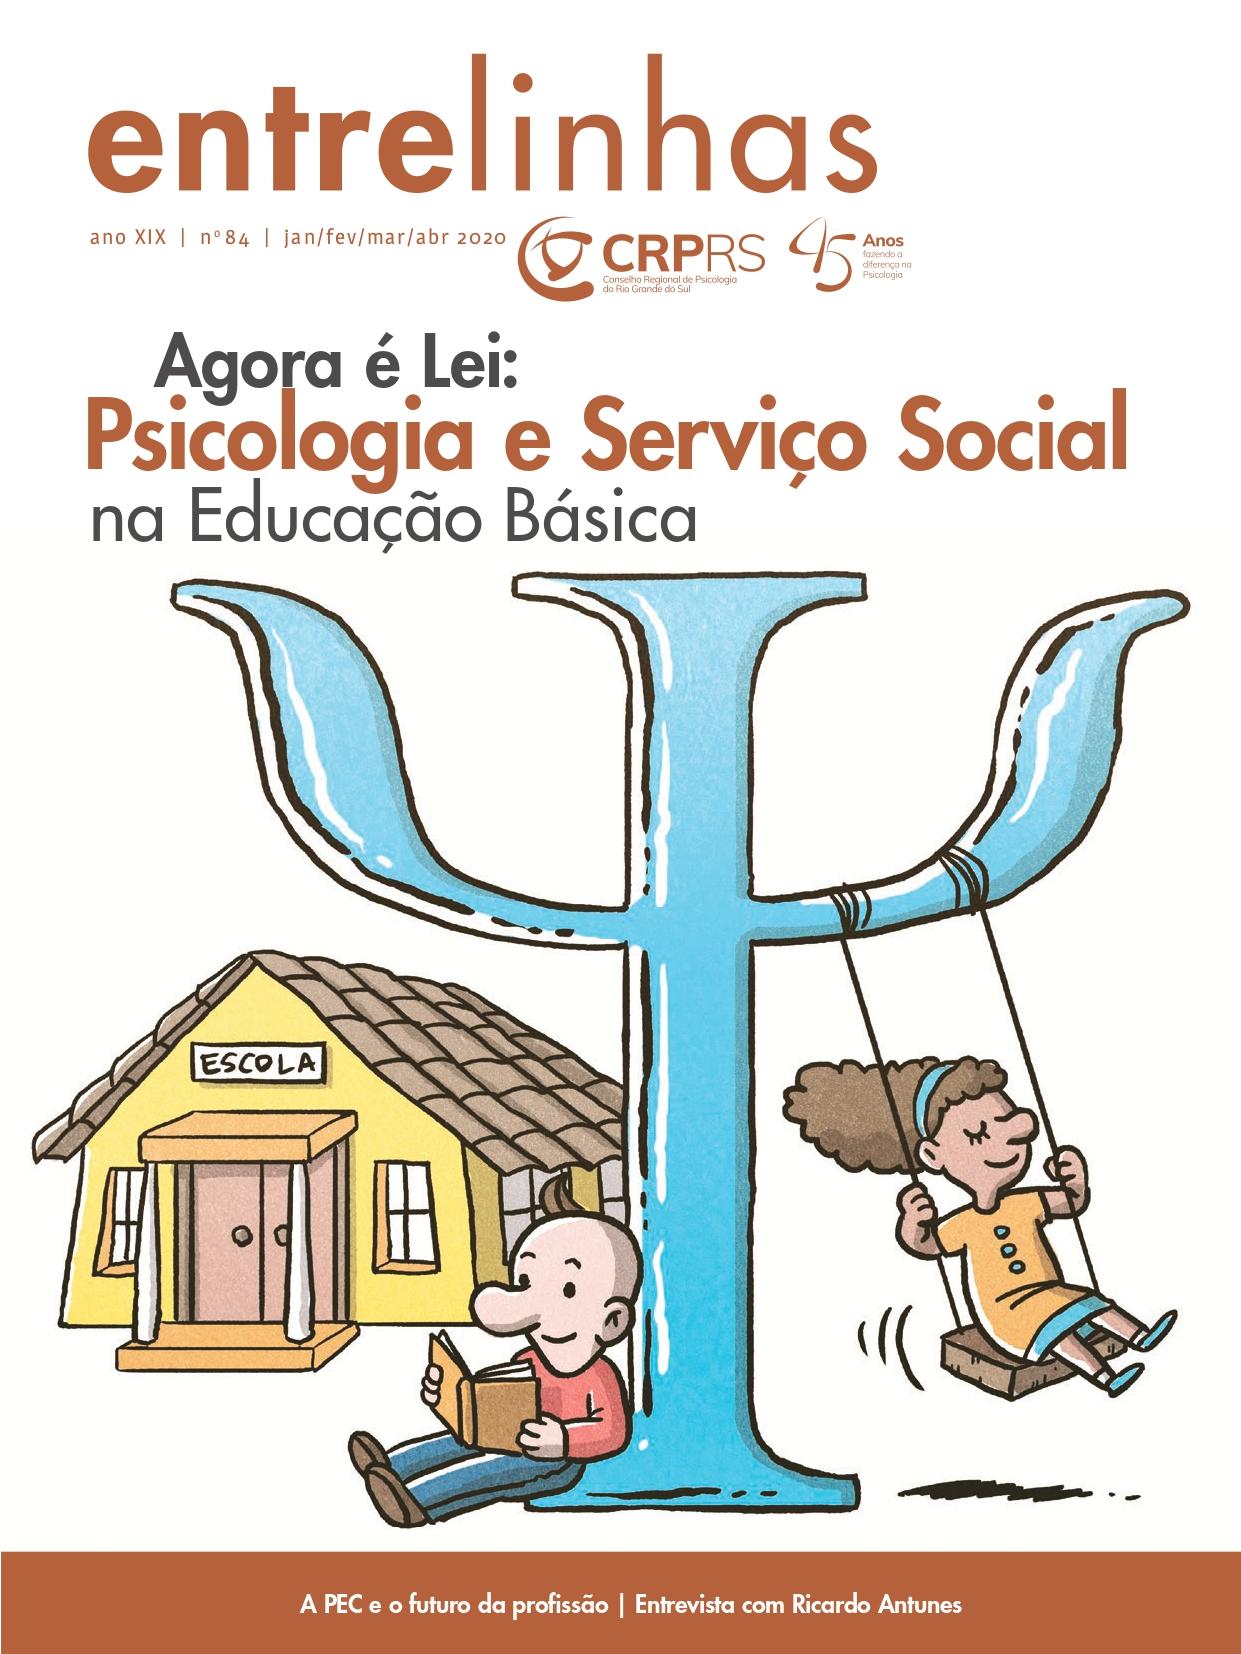 AGORA É LEI: PSICOLOGIA E SERVIÇO SOCIAL NA EDUCAÇÃO BÁSICA